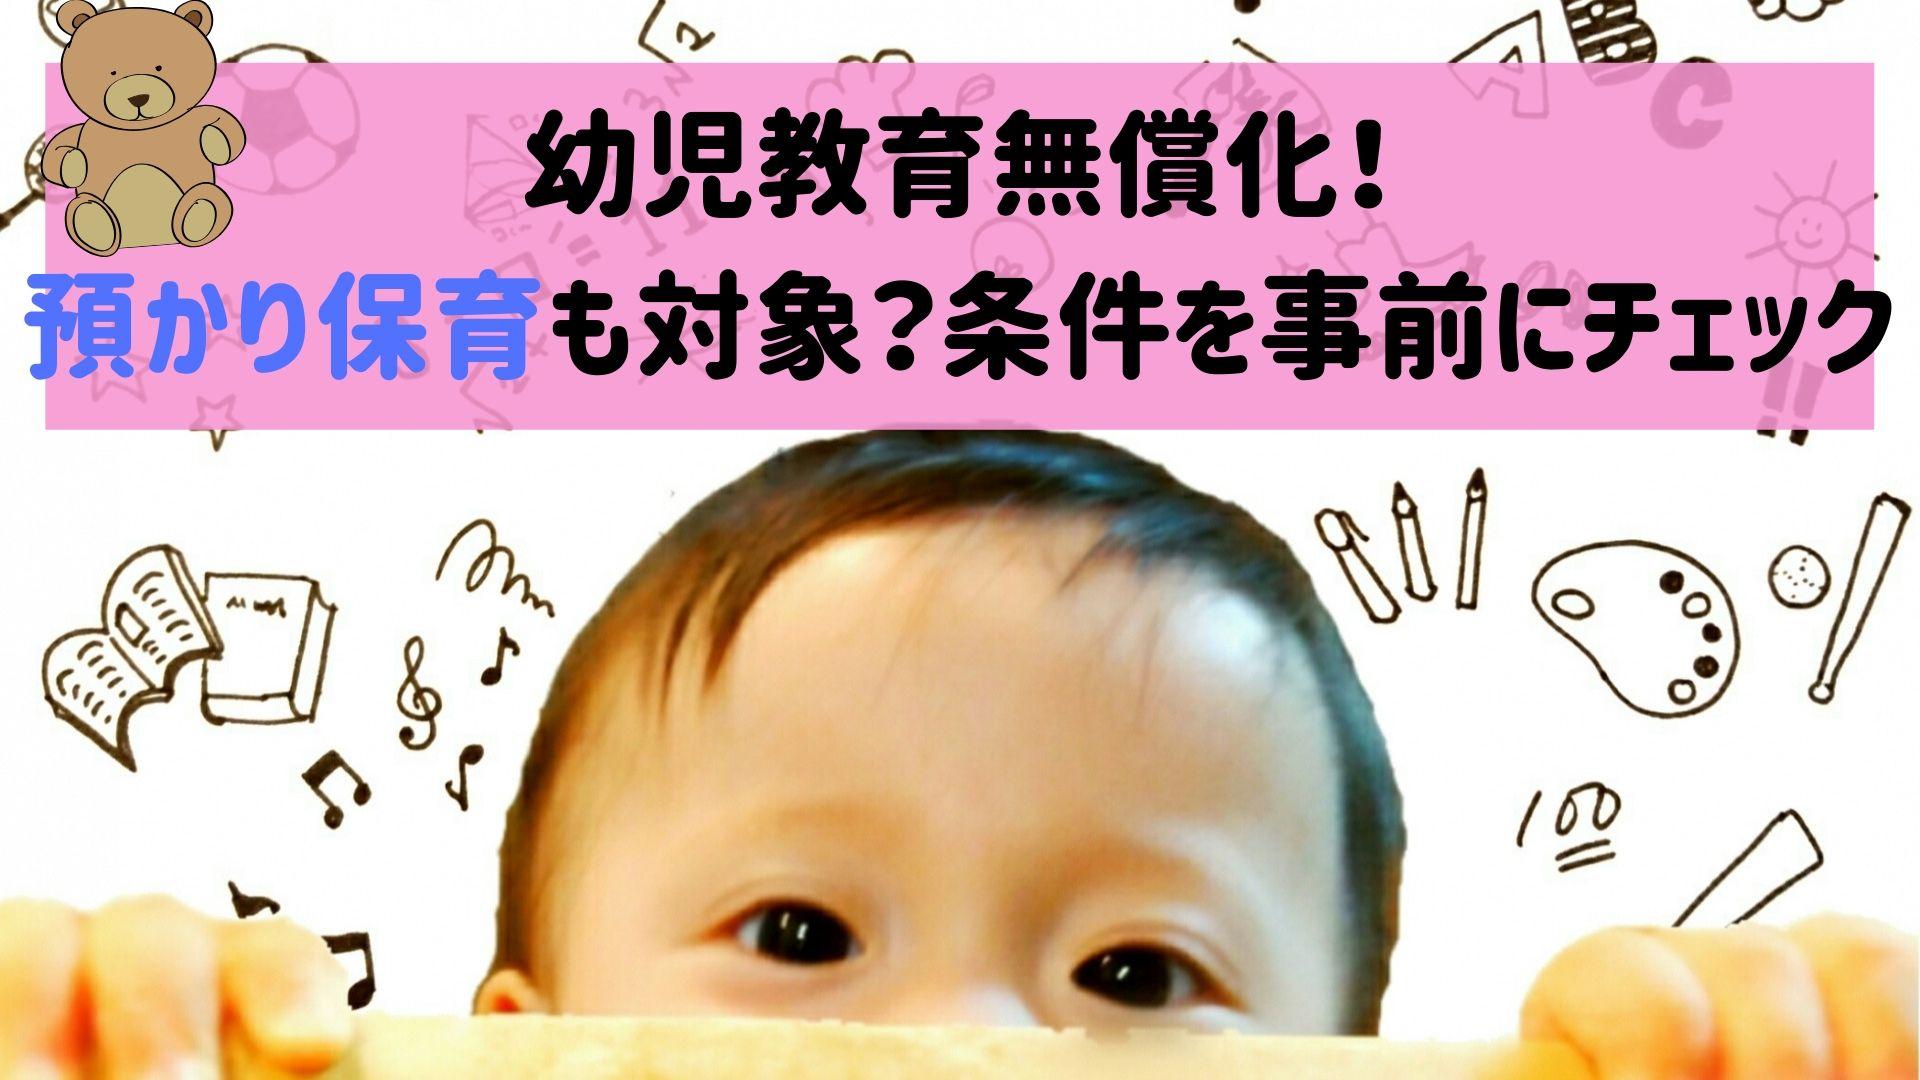 幼児教育無償化! 預かり保育も対象?条件をチェックしよう